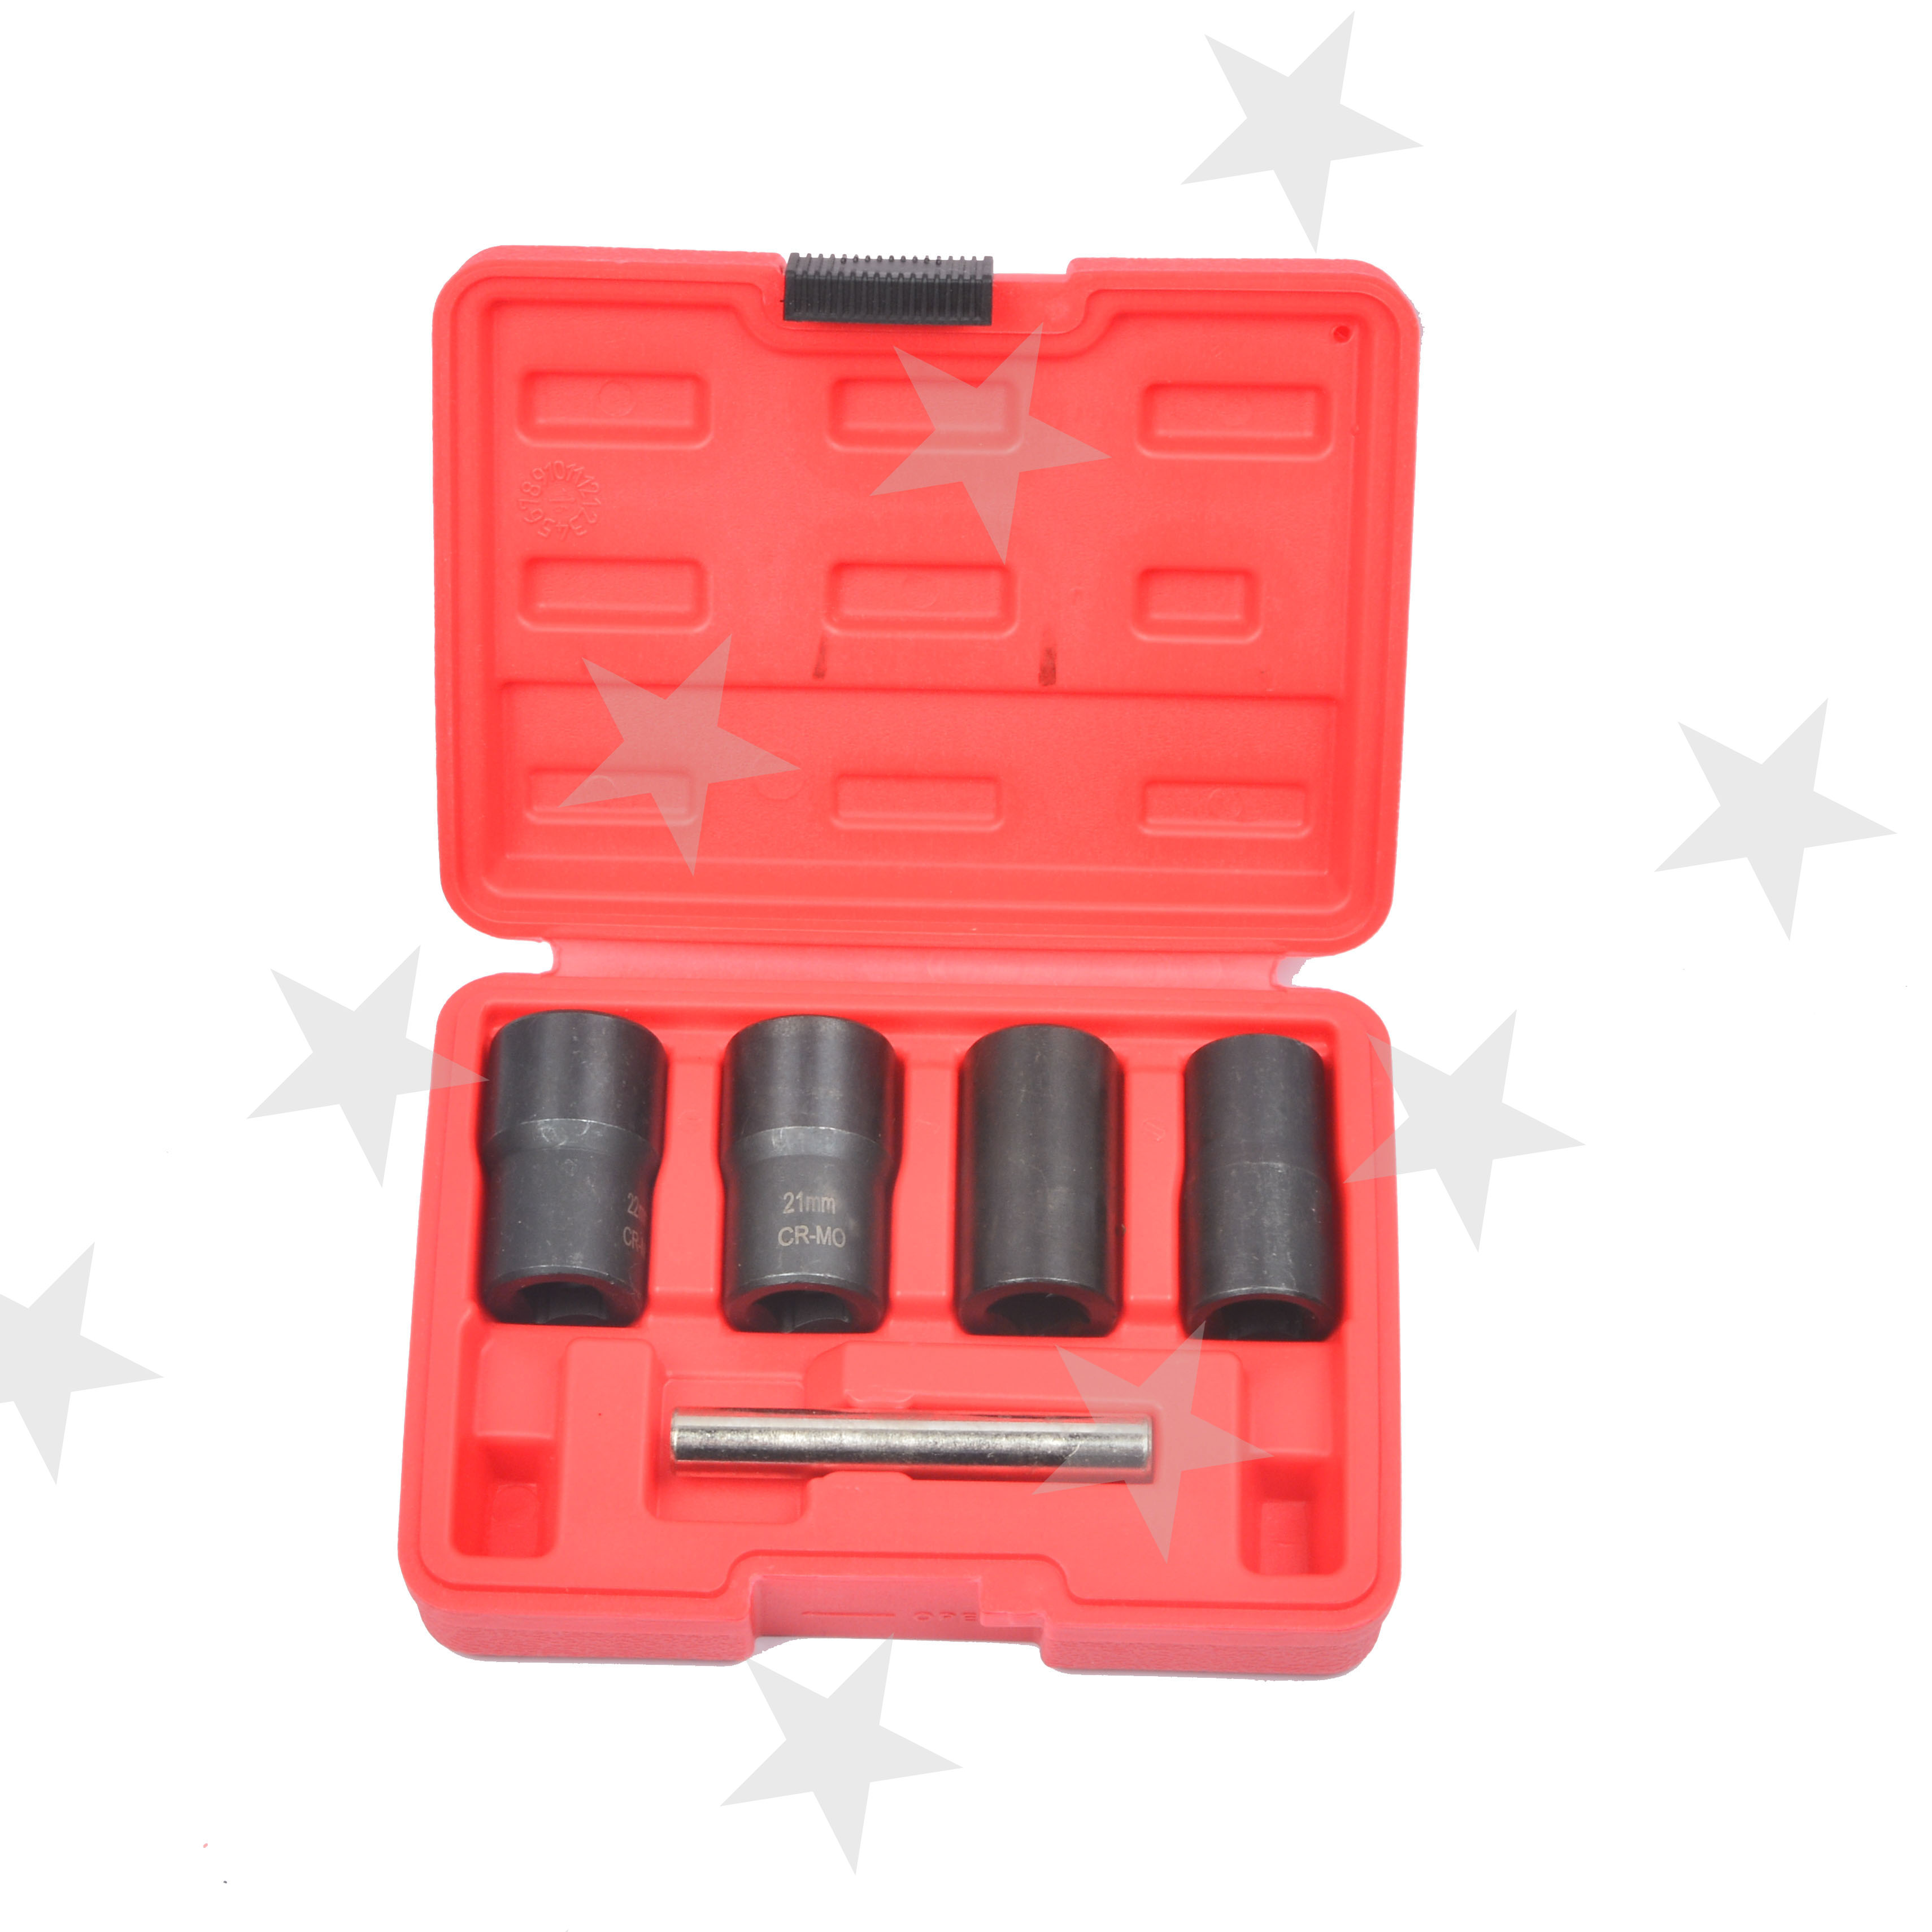 Gastfreundlich 5 Pcs Twist Sockel Set 1/2 Stick Locking Rad Beschädigt Abgerundete Getragen Mutter Bolzen Entferner Werkzeug Set 17 19 21 22mm